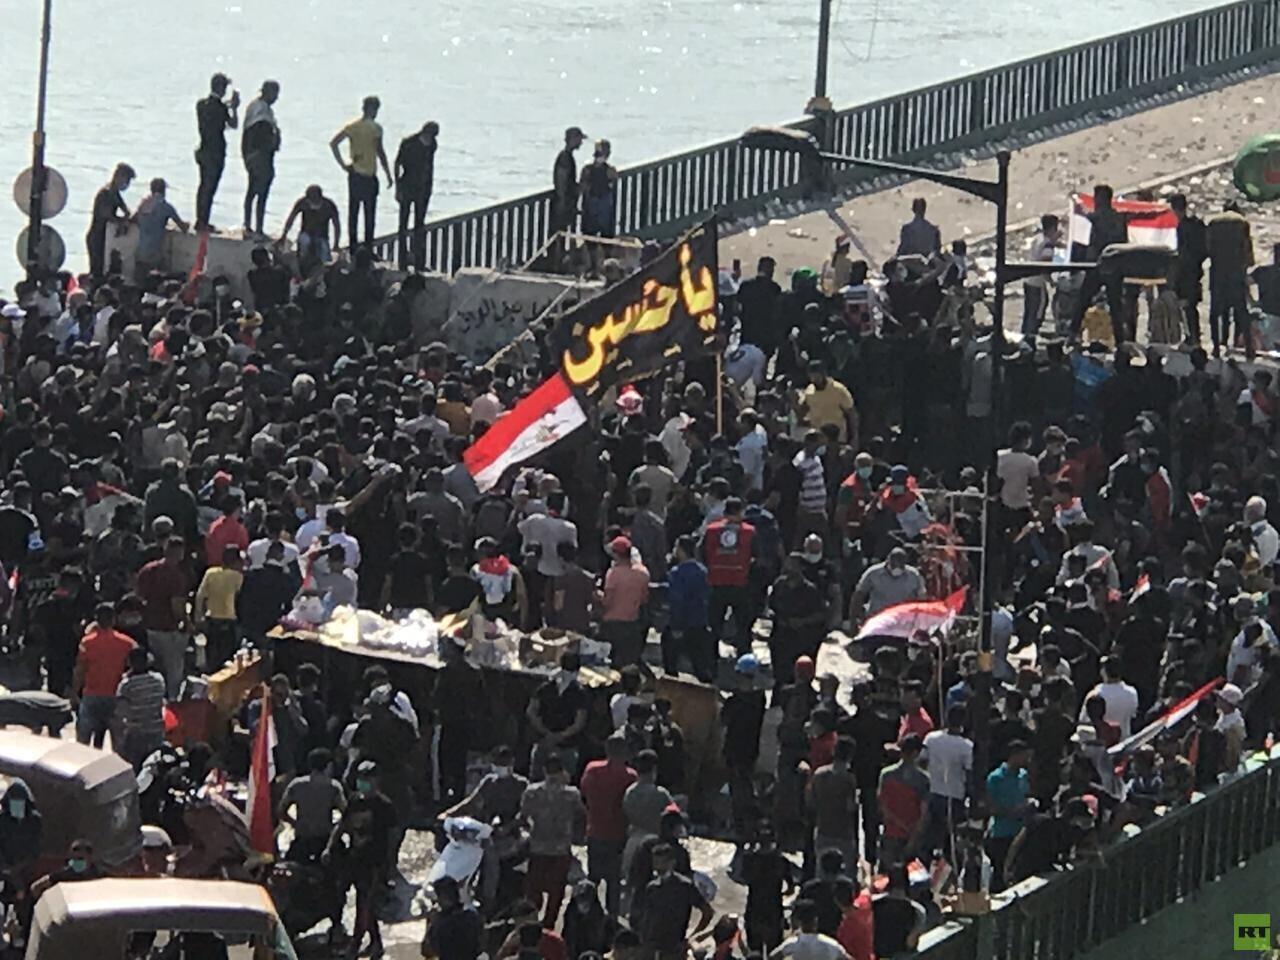 مراسلنا: متظاهرون يصلون ساحة التحرير وسط بغداد والأمن يفرقهم بالغاز المسيل للدموع